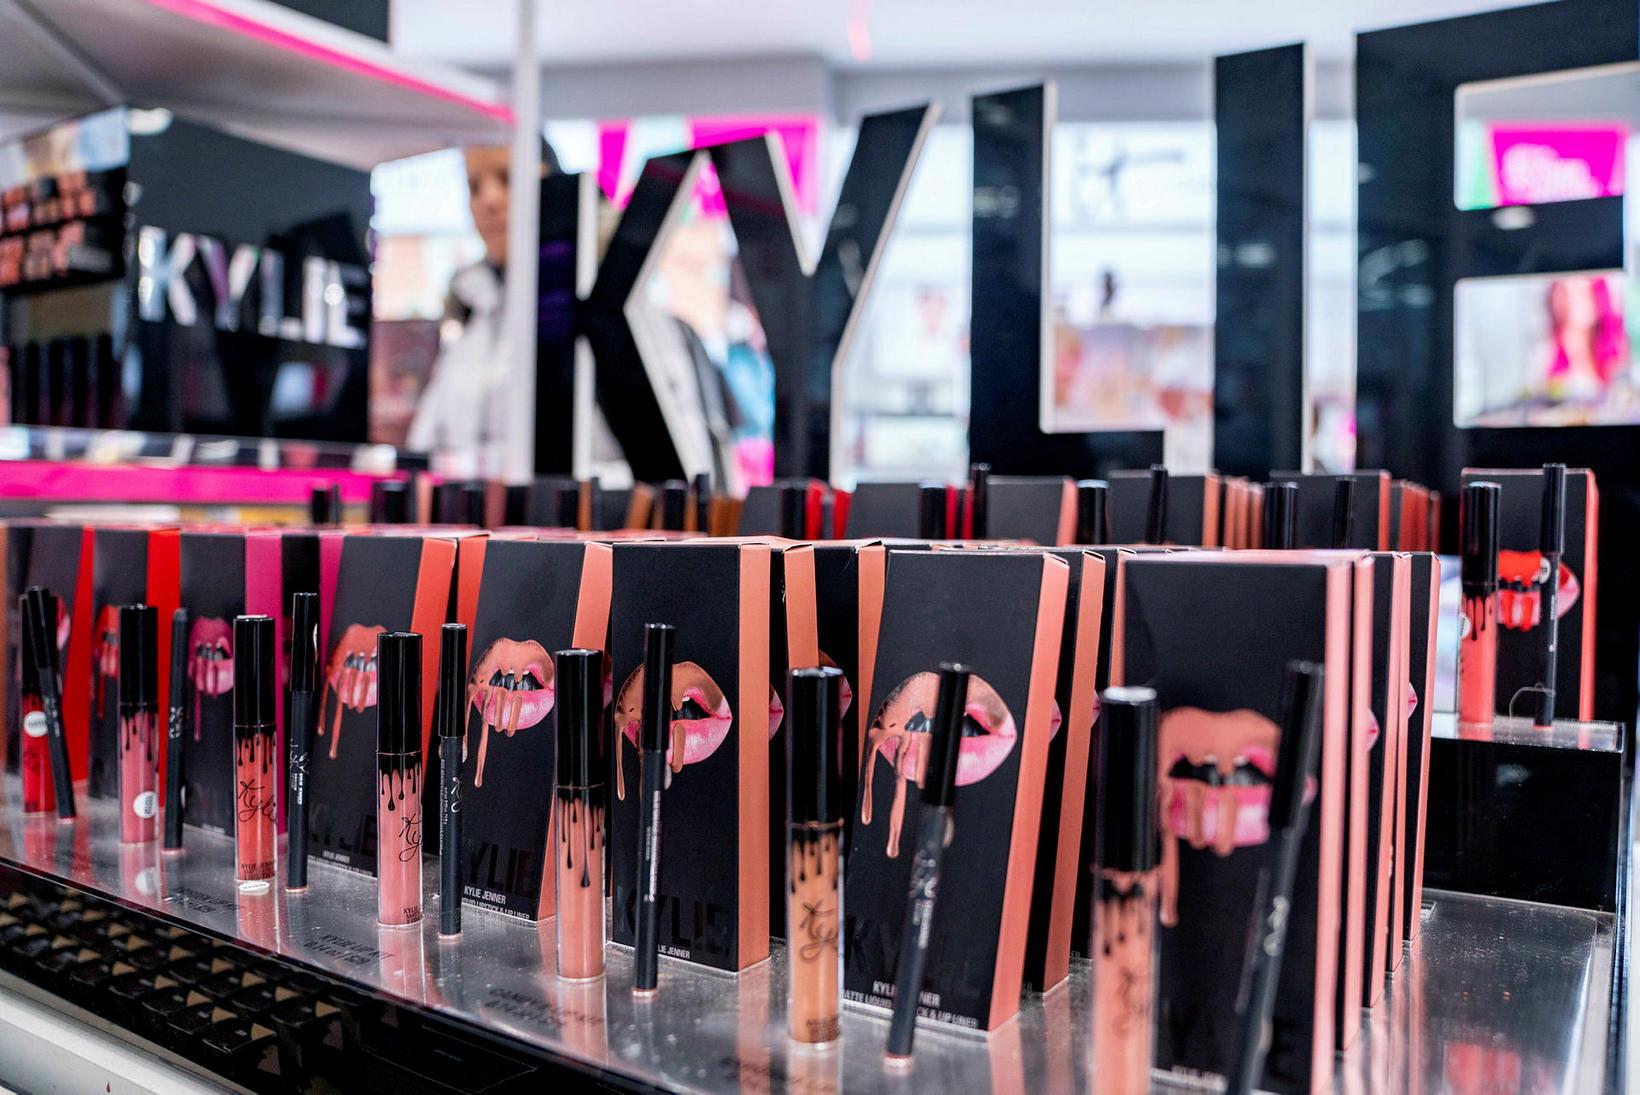 Kylie Jenner hefur byggt upp gríðarlega vinsælt snyrtivörumerki.